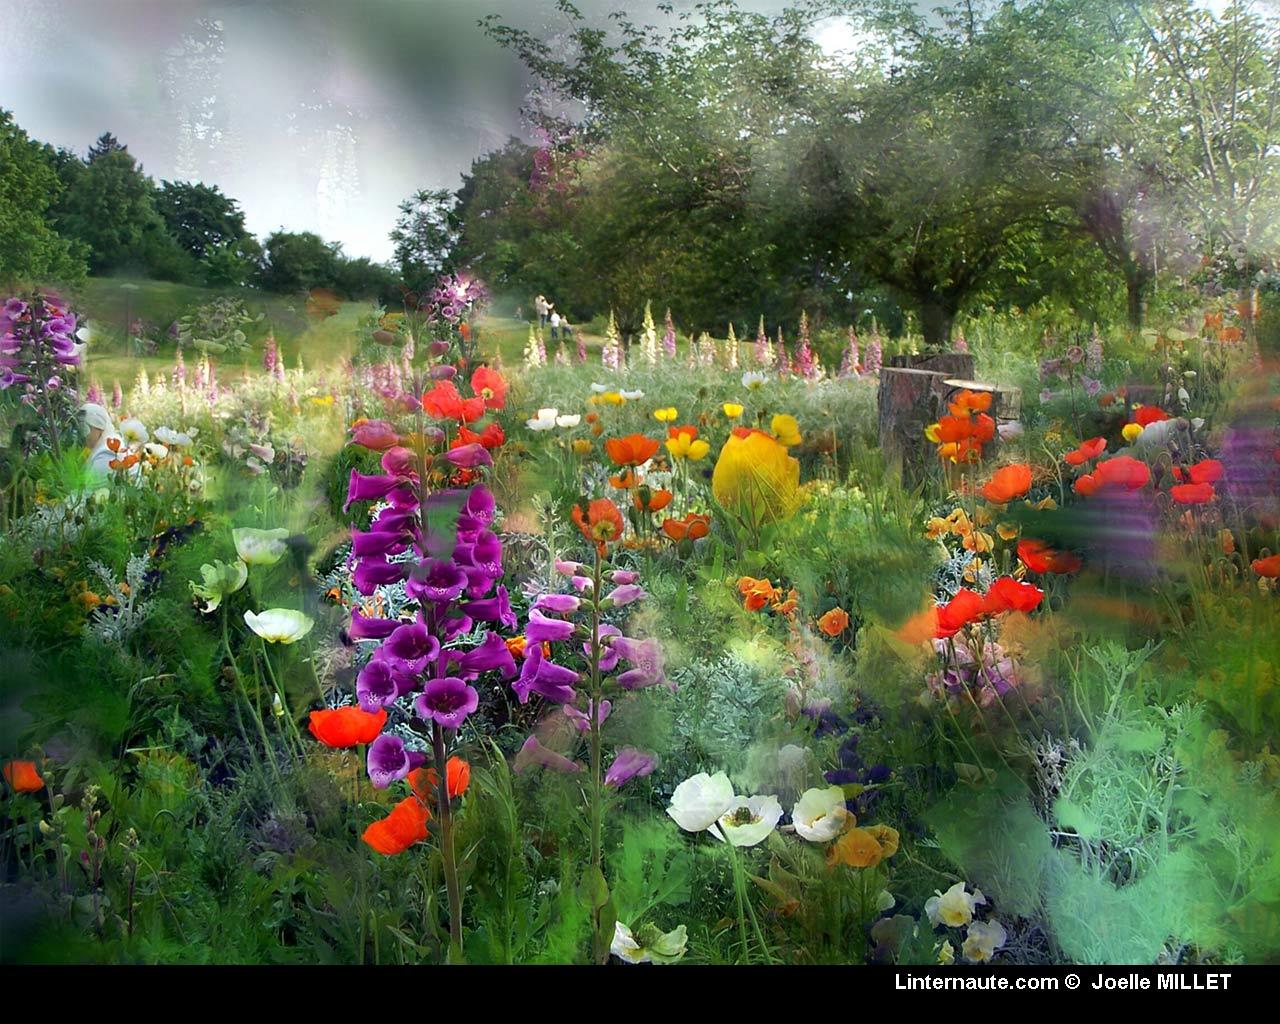 Fond ecran fleurs page 15 for Photo d ecran gratuit